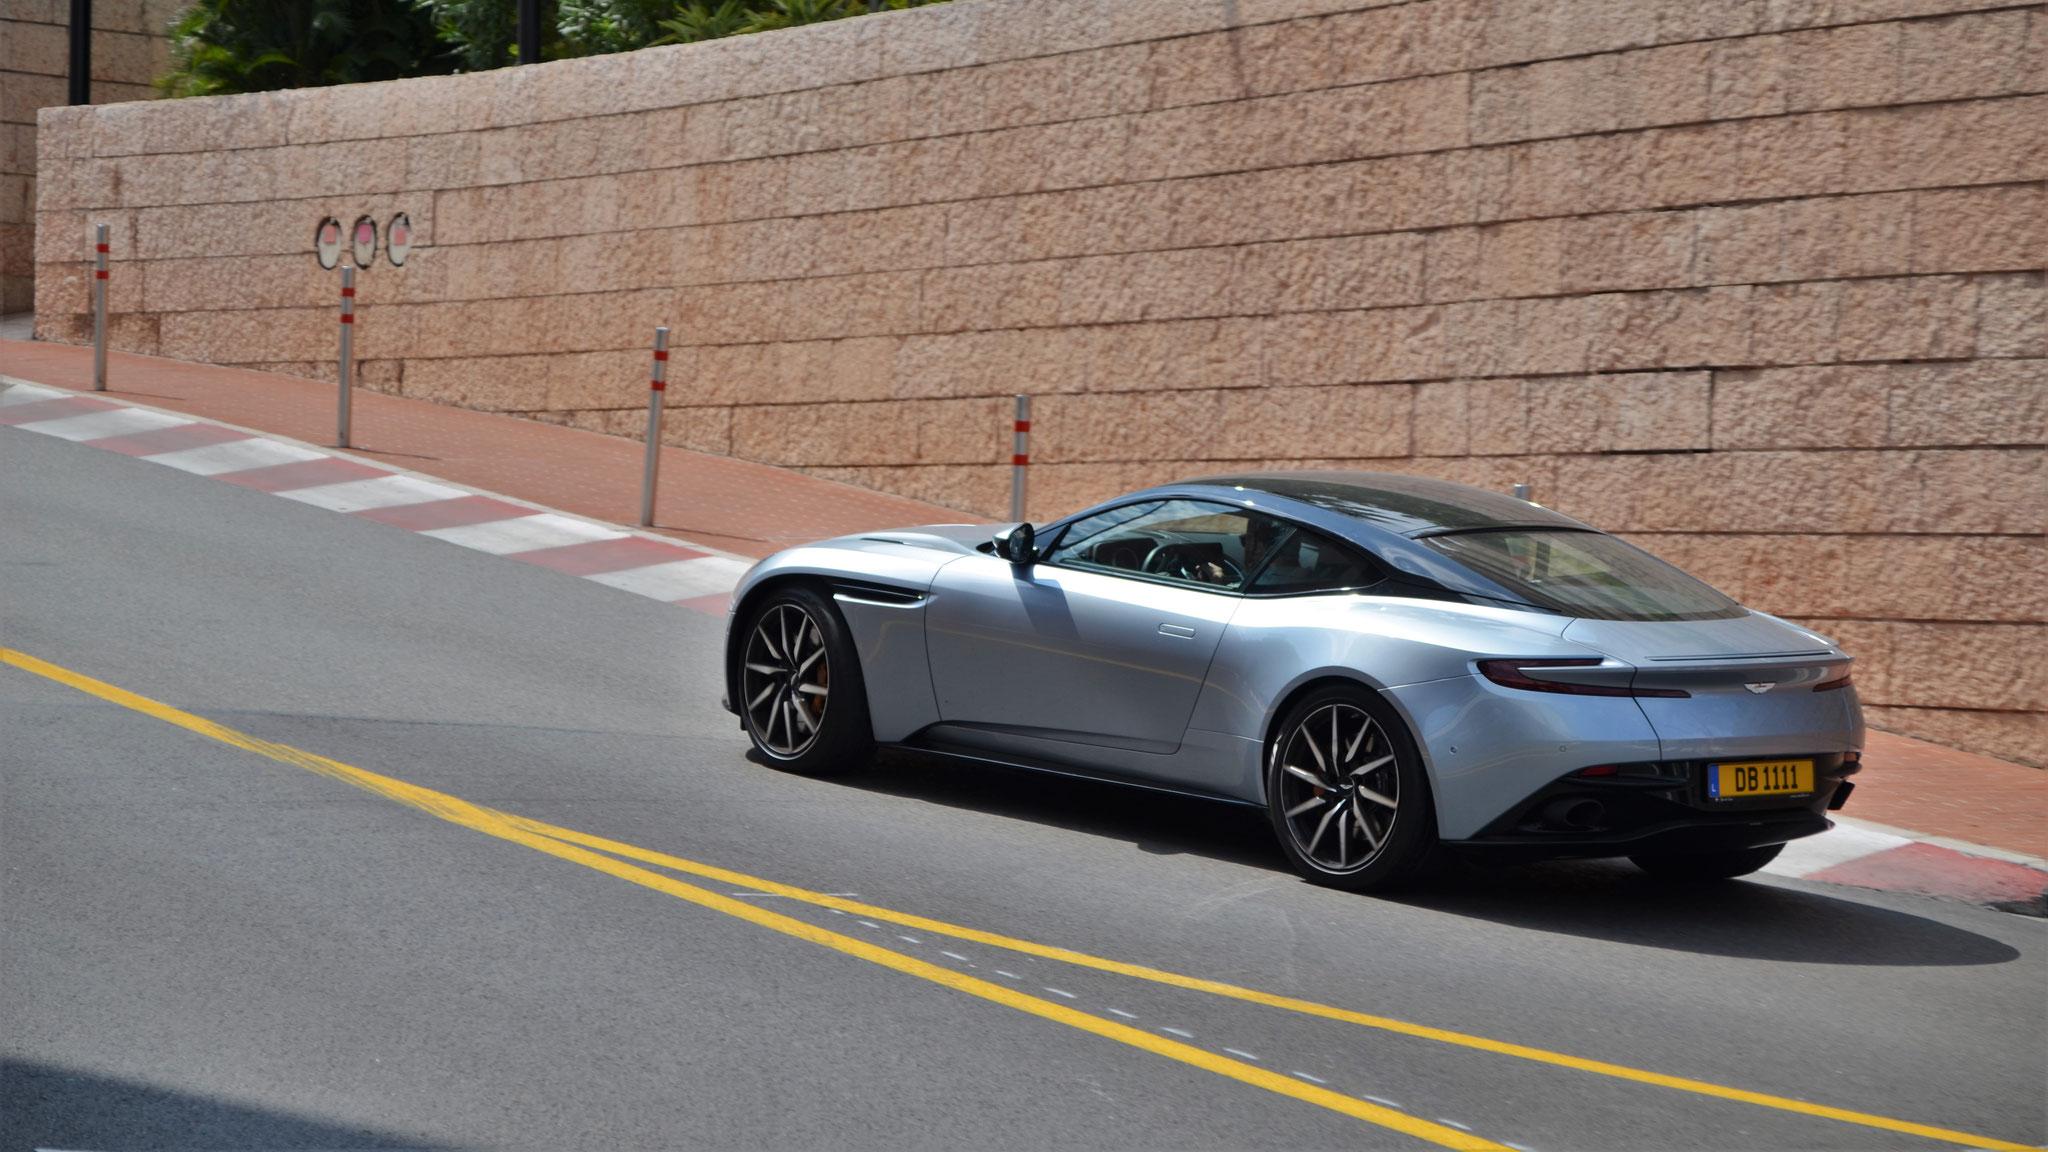 Aston Martin DB11 - DB-1111 (LUX)